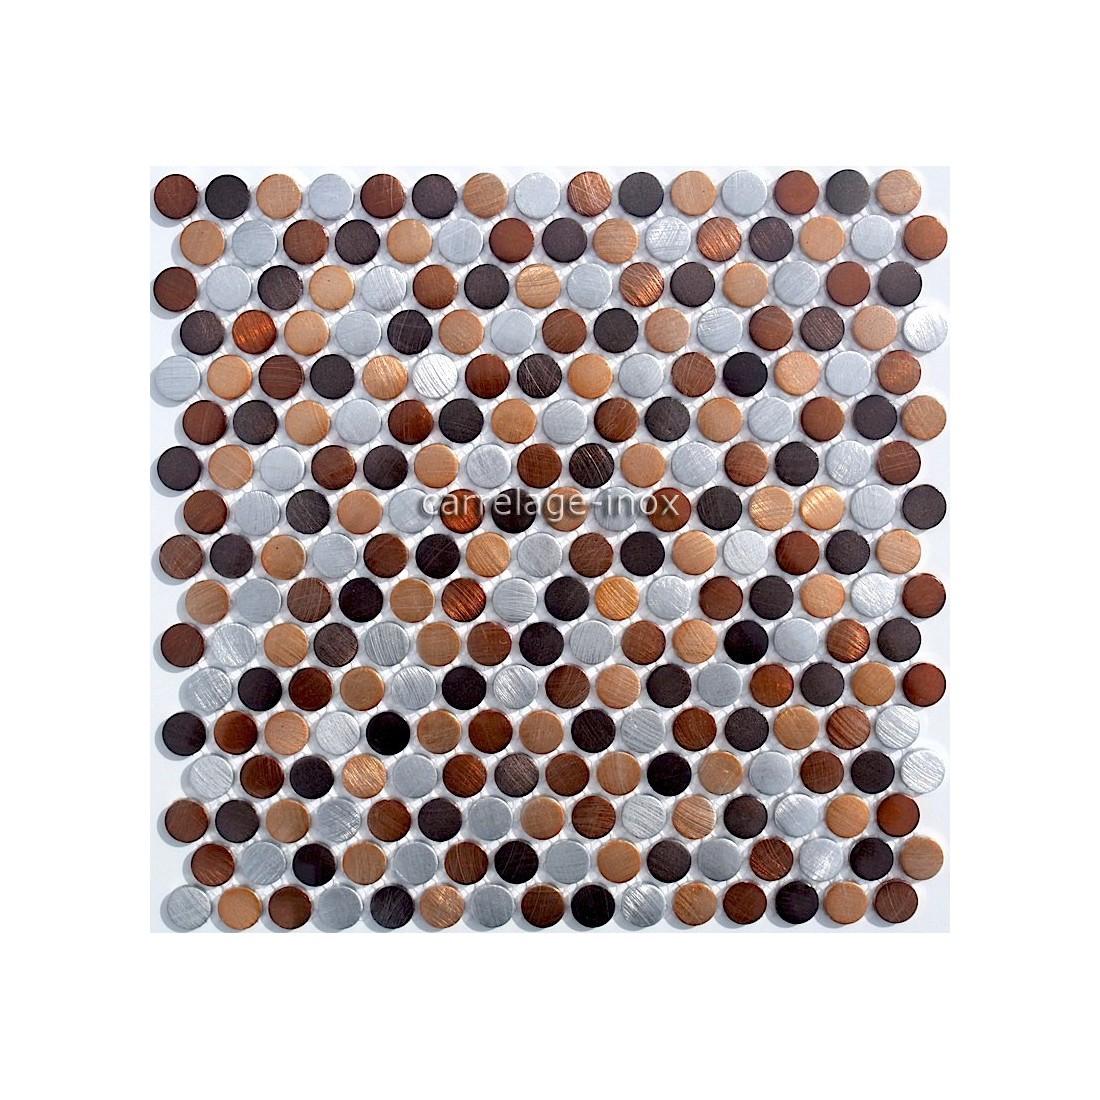 mosaique carrelage aluminium 1 plaque circlemarron. Black Bedroom Furniture Sets. Home Design Ideas